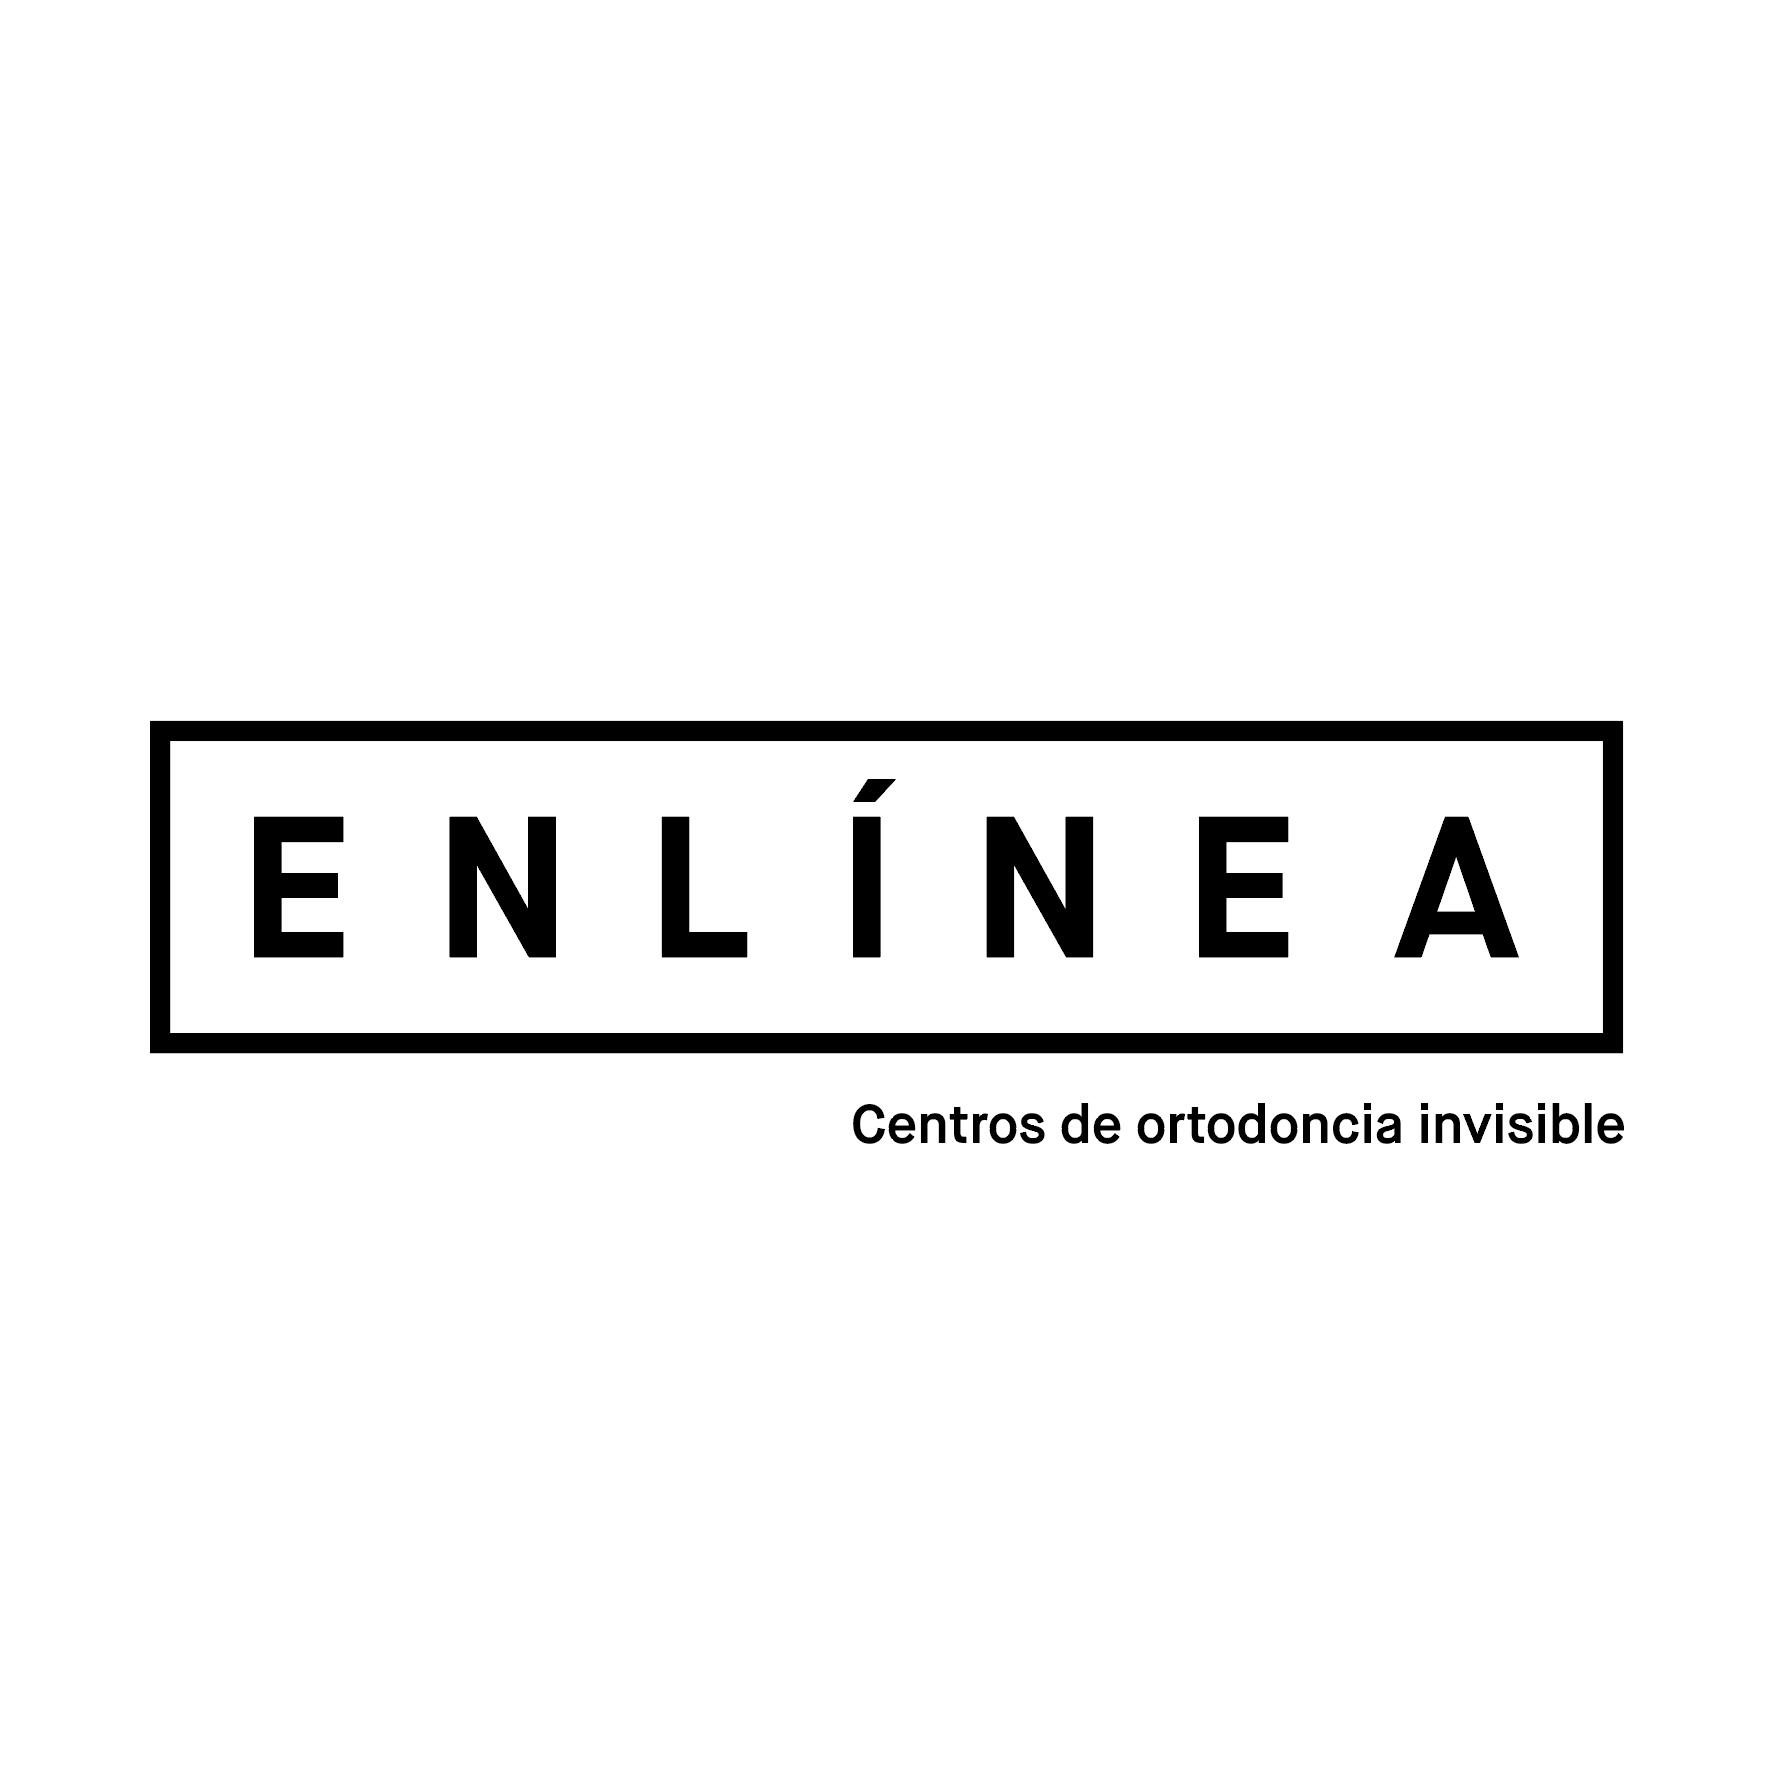 Centros ENLÍNEA Ortodoncia Invisible Madrid-Goya